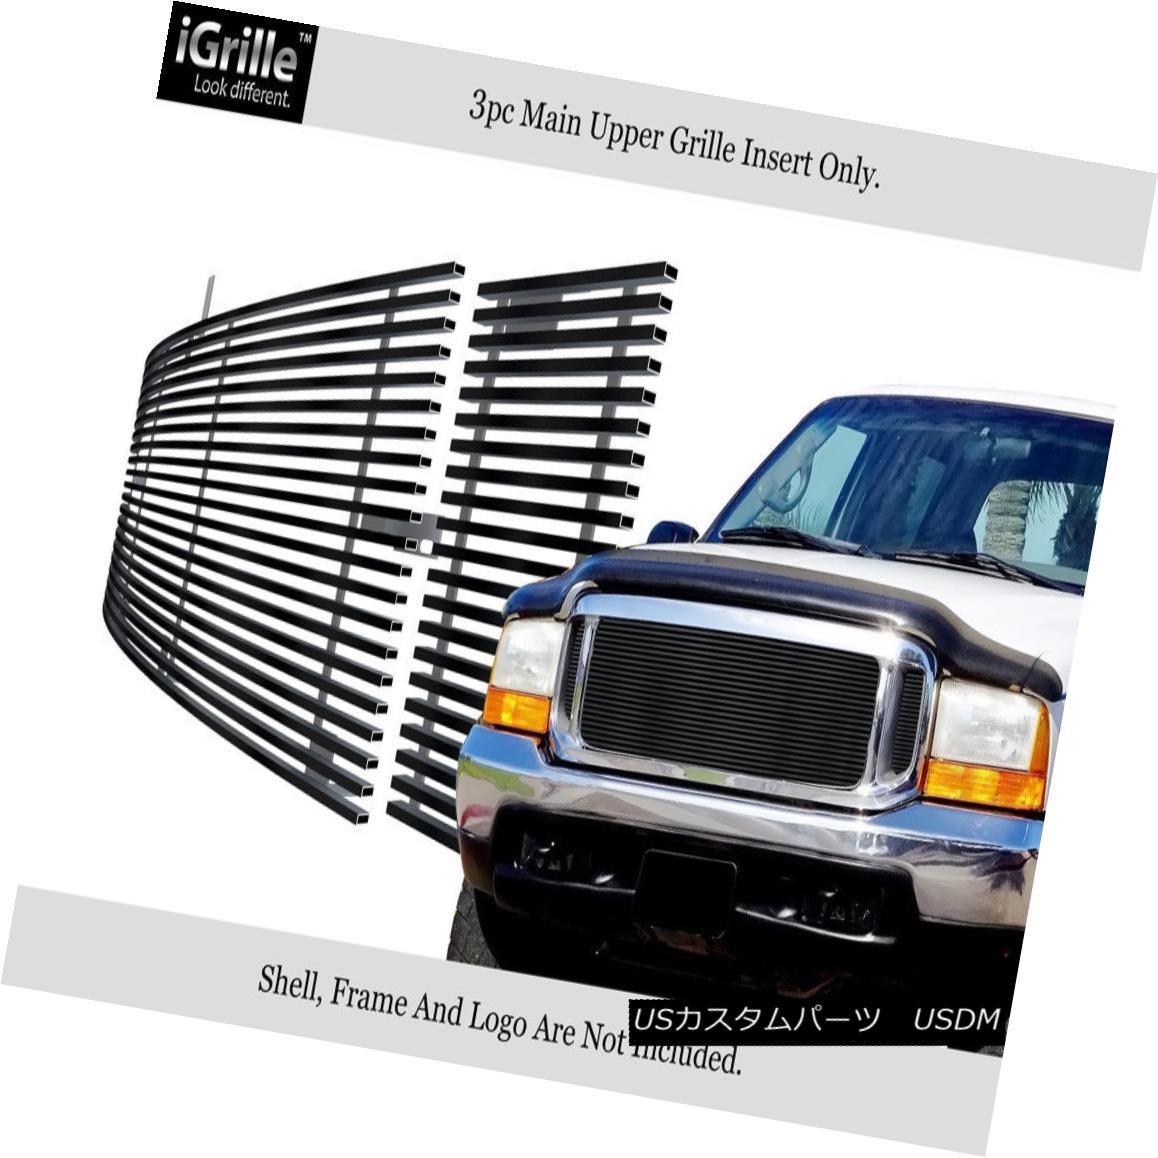 グリル 99-04 Ford F250/F350/F450/F550 SD/00-04 Excursion Black Stainless Billet Grille 99-04 Ford F250 / F350 / F450 / F550 SD / 00-04エクスカーションブラックステンレスビレットグリル